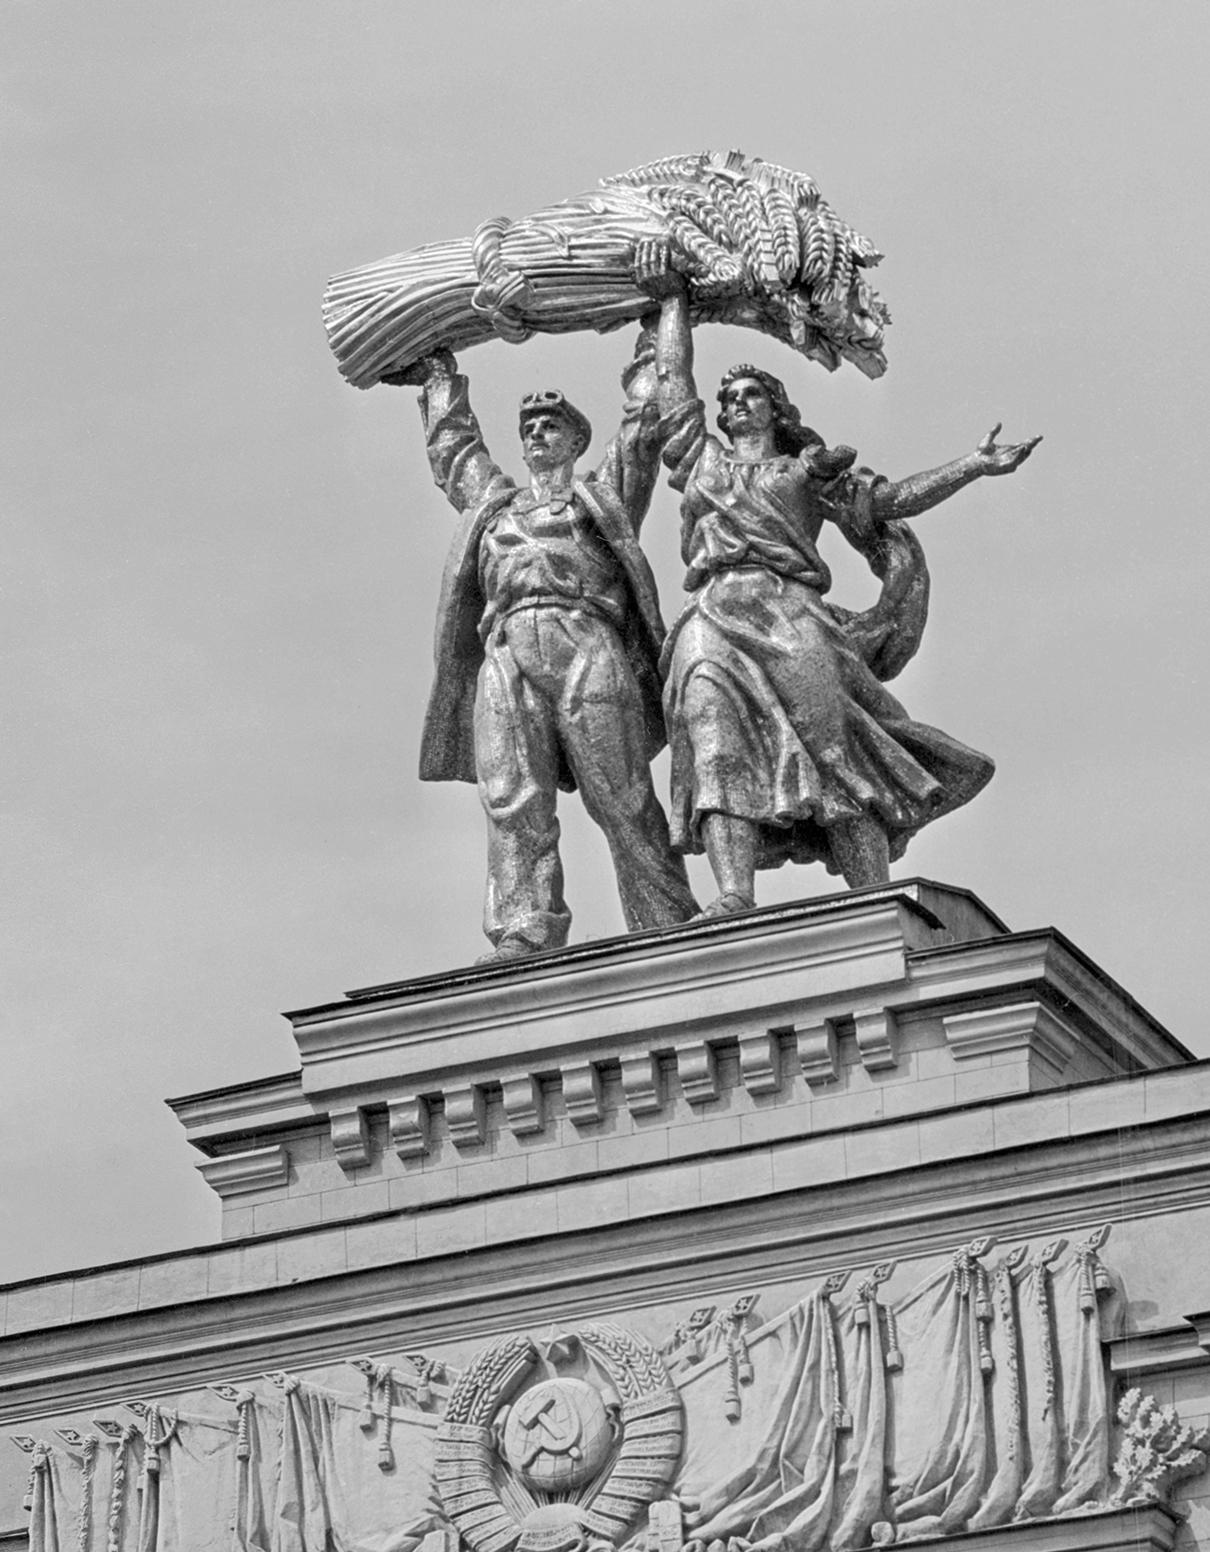 Скульптура «Тракторист и колхозница» (1954 г.) на арке главного входа ВСХВ. Автор композиции Сергей Орлов